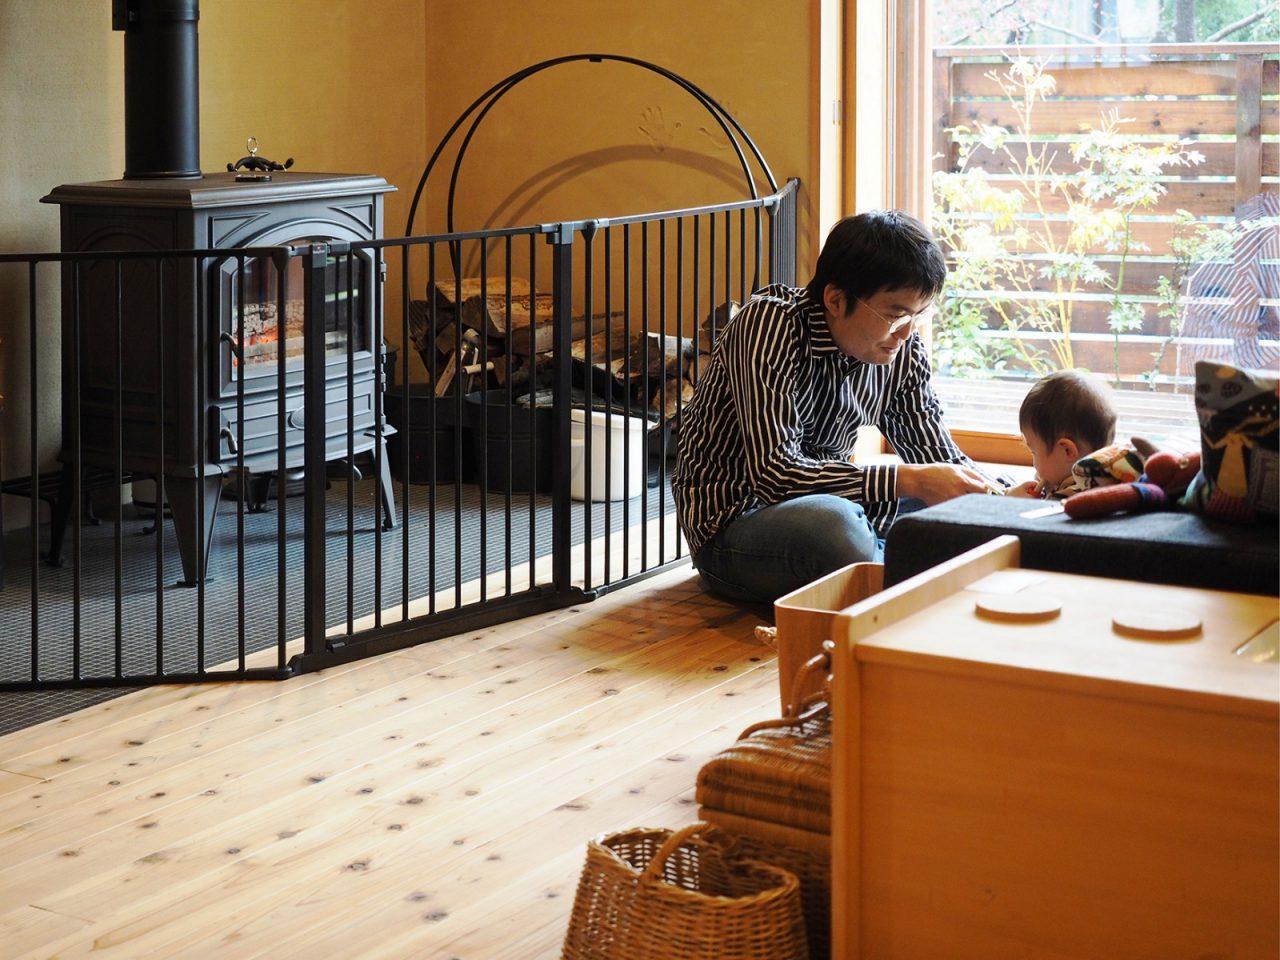 暖炉の前は特等席。炎と家族の会話に集中できるリビングに。